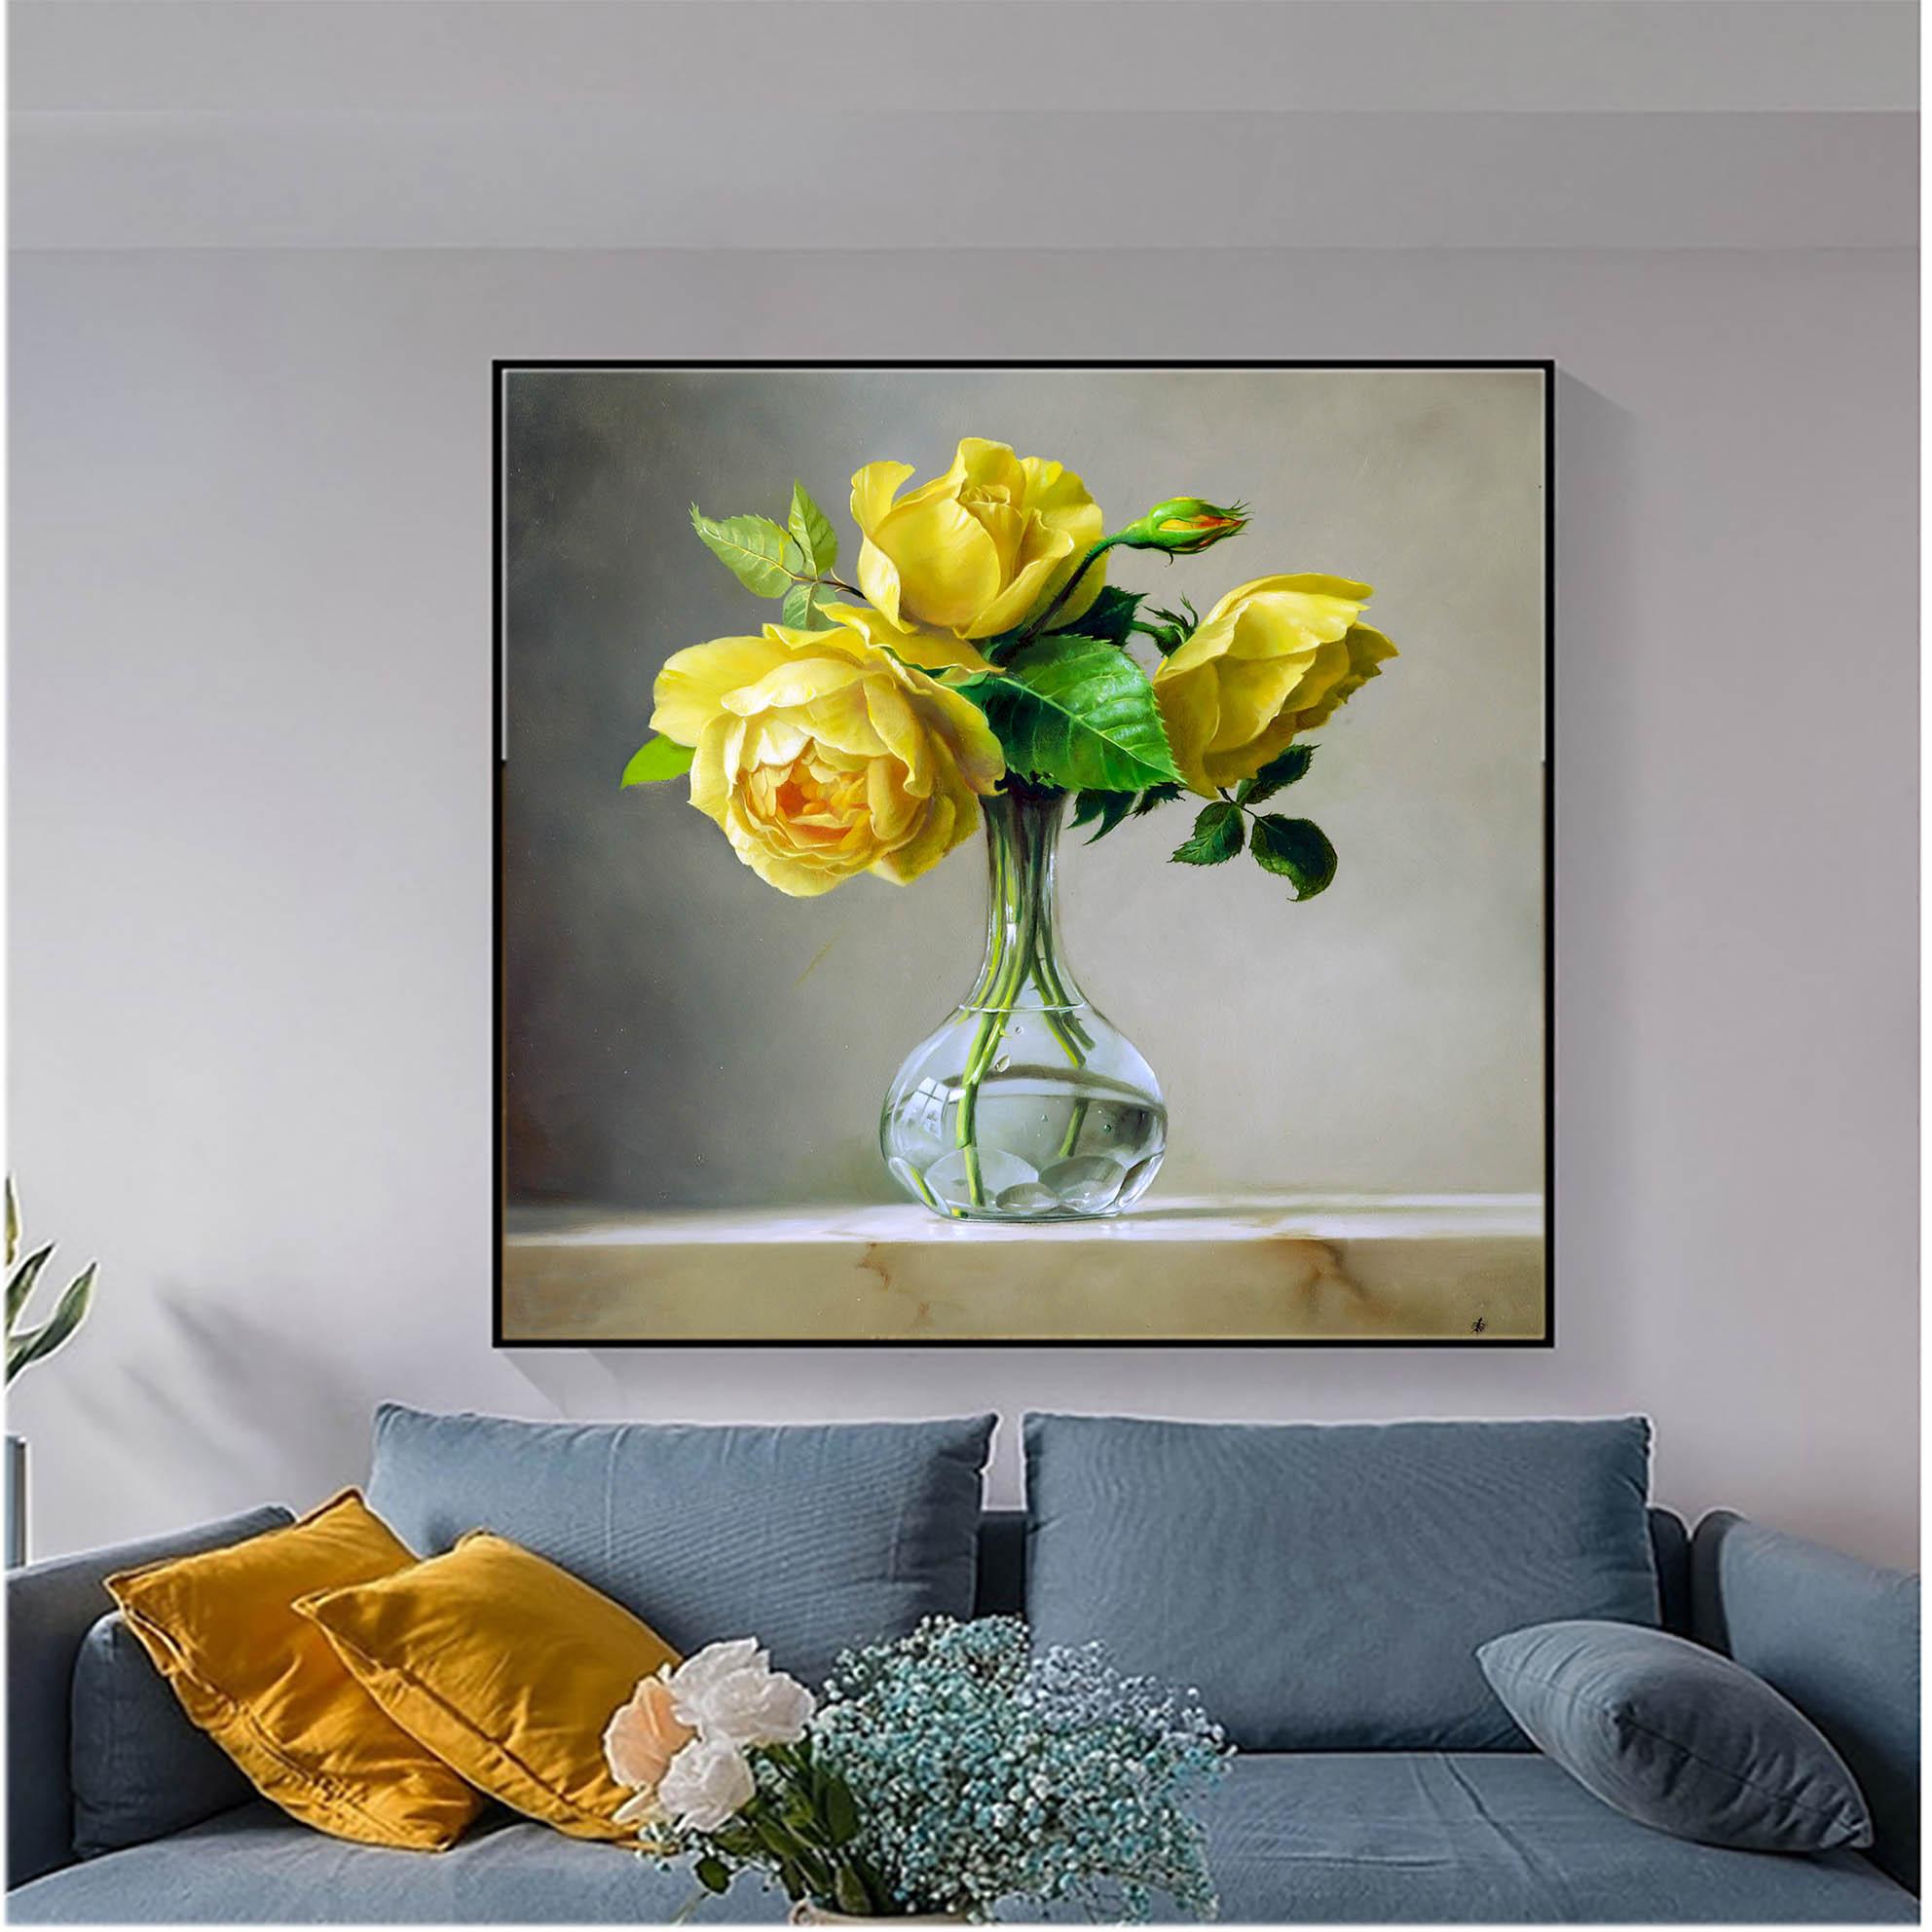 Tranh sơn dầu họa sỹ sáng tác vẽ tay: YELLOW ROSE